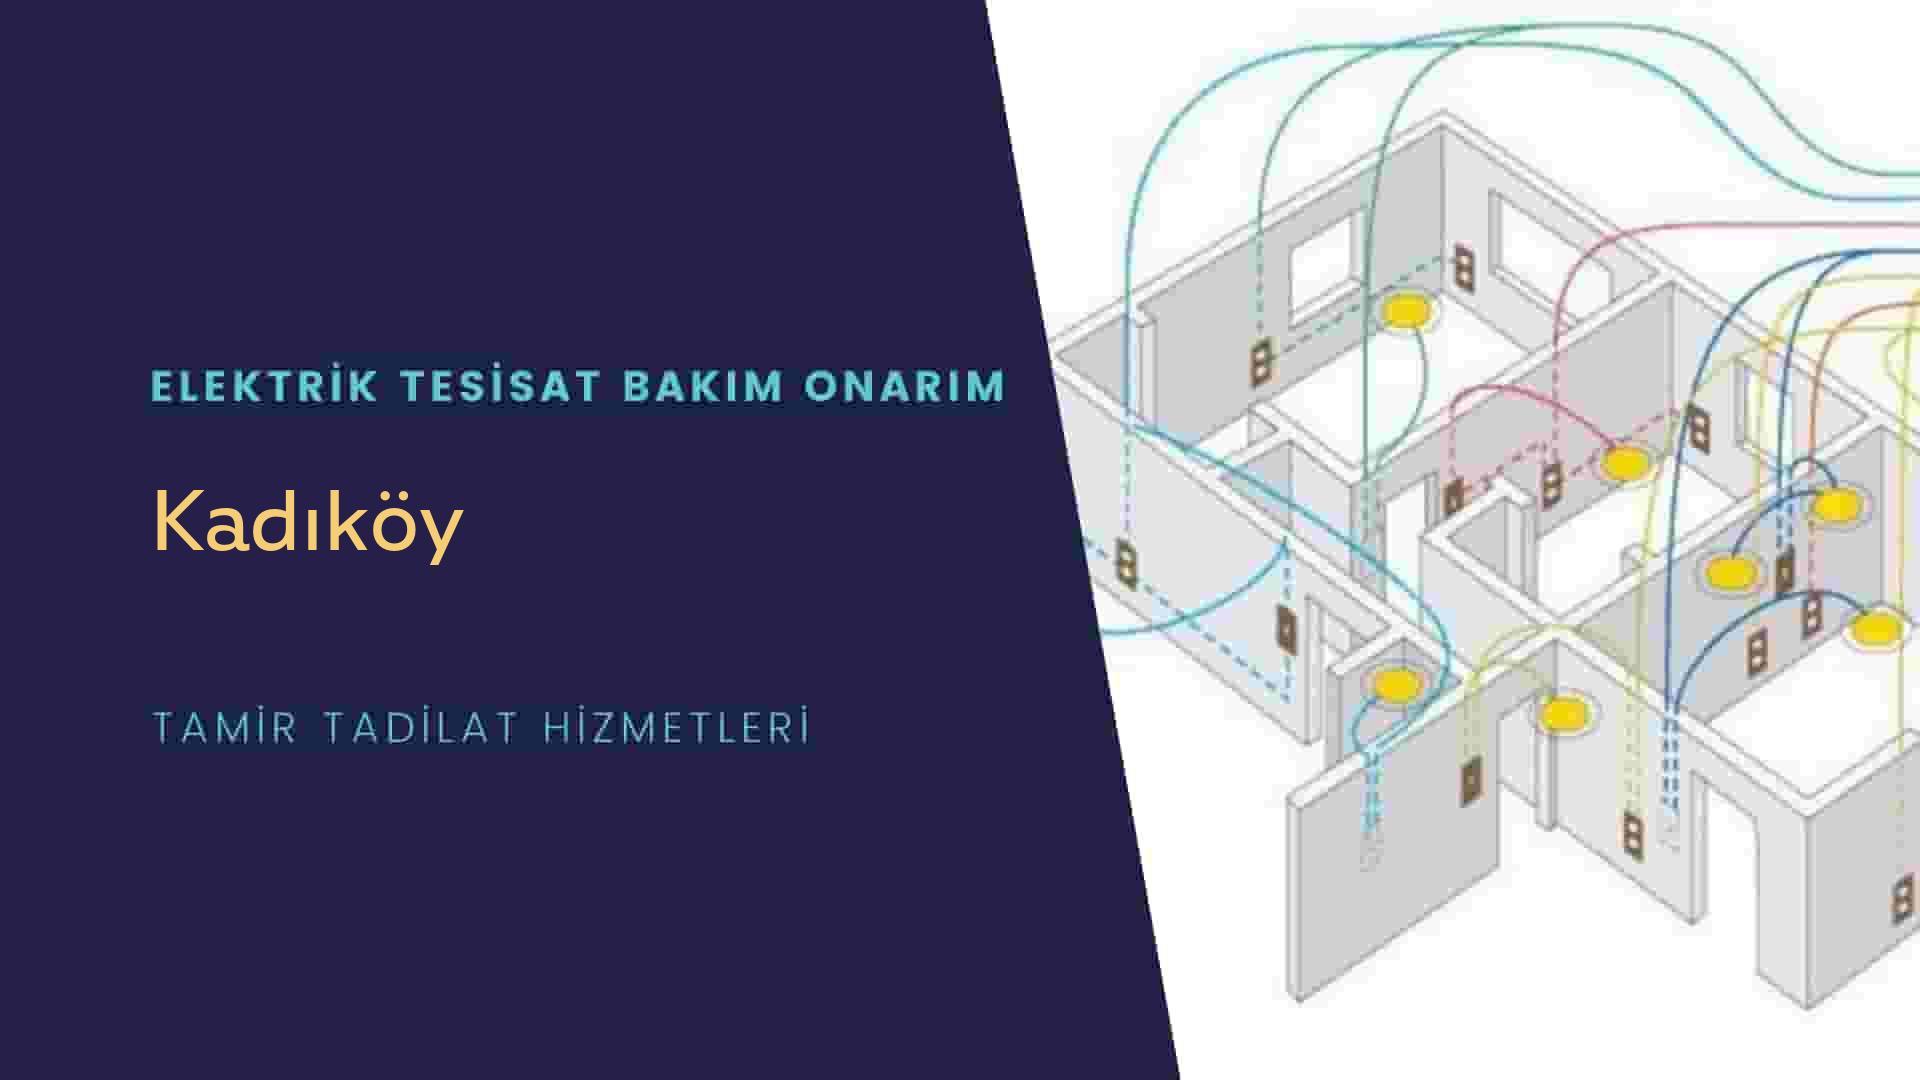 Kadıköy'de elektrik tesisatıustalarımı arıyorsunuz doğru adrestenizi Kadıköy elektrik tesisatı ustalarımız 7/24 sizlere hizmet vermekten mutluluk duyar.